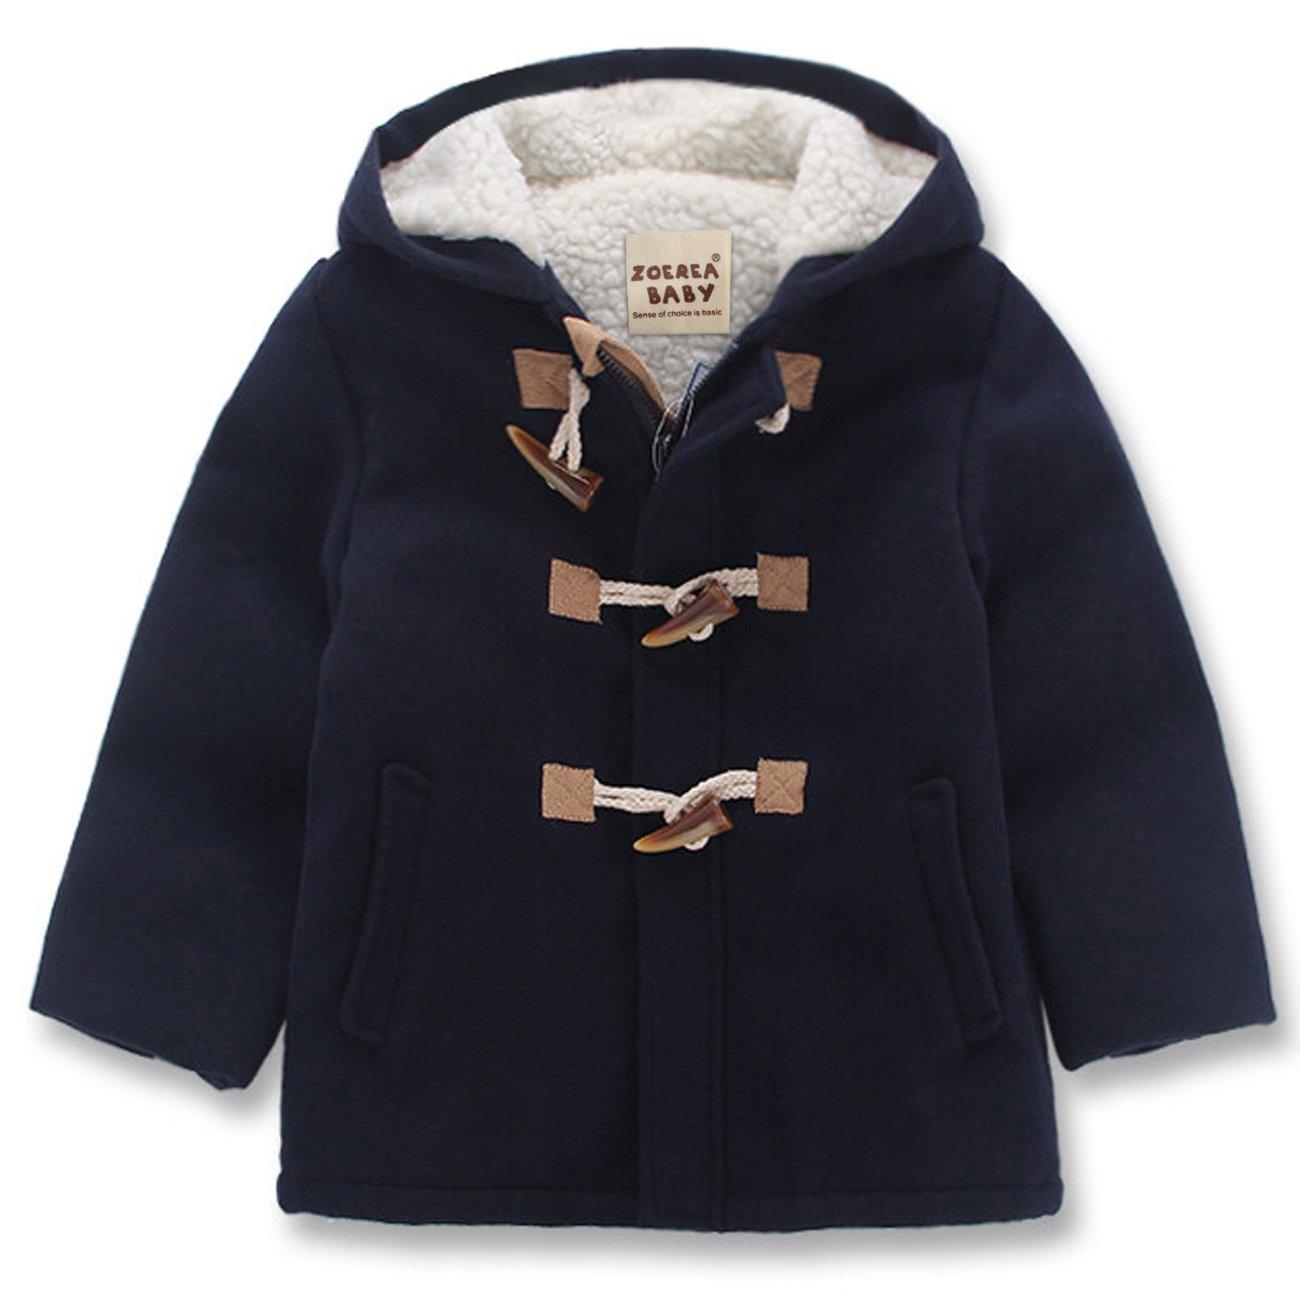 ZOEREA Little Boy's Fashion Hooded Jacket Kids Wool Toggle Coat for 2-8T YS2219